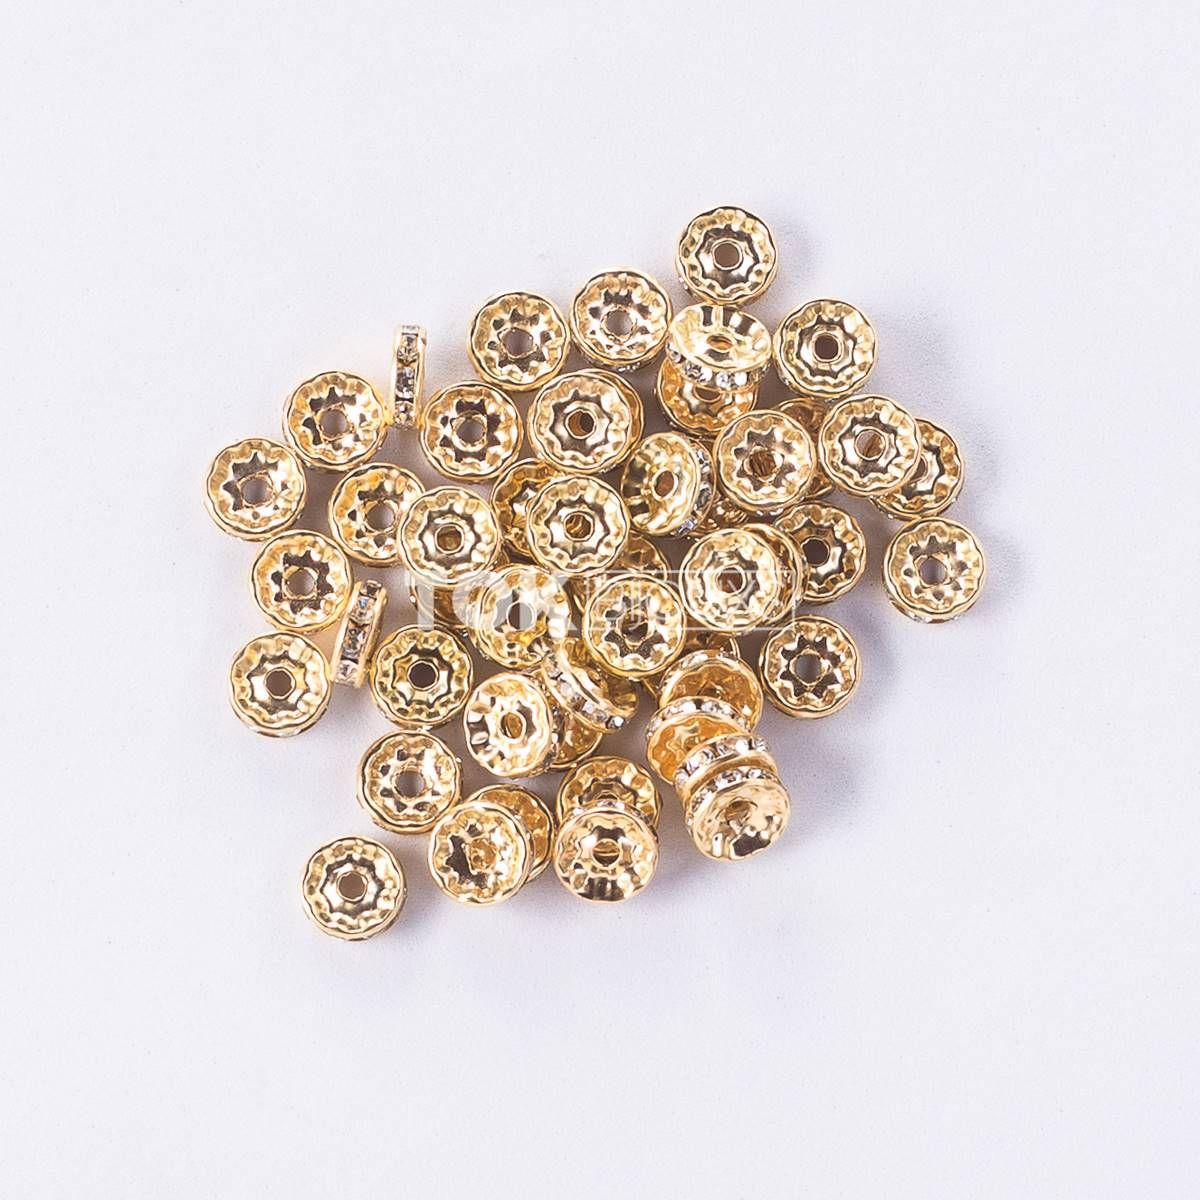 Rondelle Strass 8mm - Dourado - 50 Unid